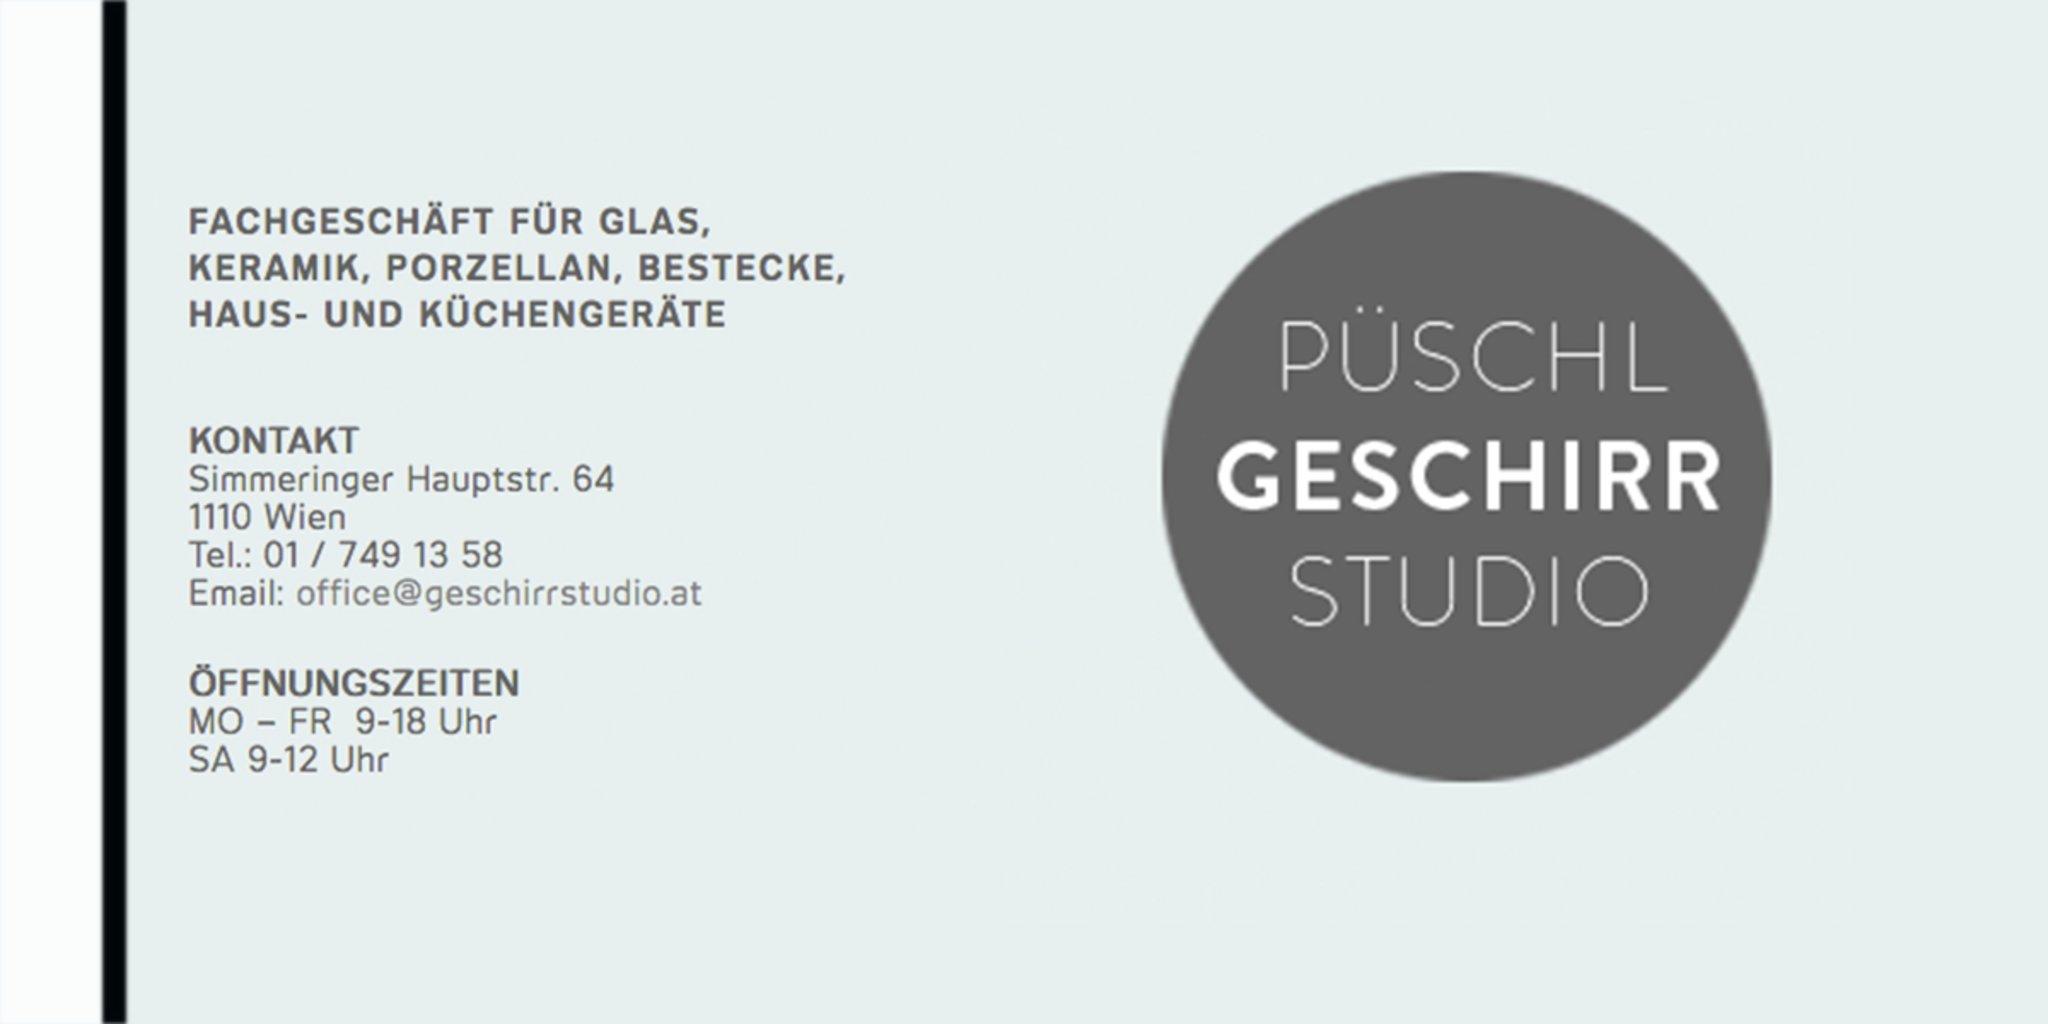 Das Fachgeschaft Haushaltswaren Und Kuchengerate In 1110 Wien Simmering Puschl Geschirr Studio Punktet Mit Hochwertigen Keramiken Und Innovativen Haushaltsprodukten Simmering